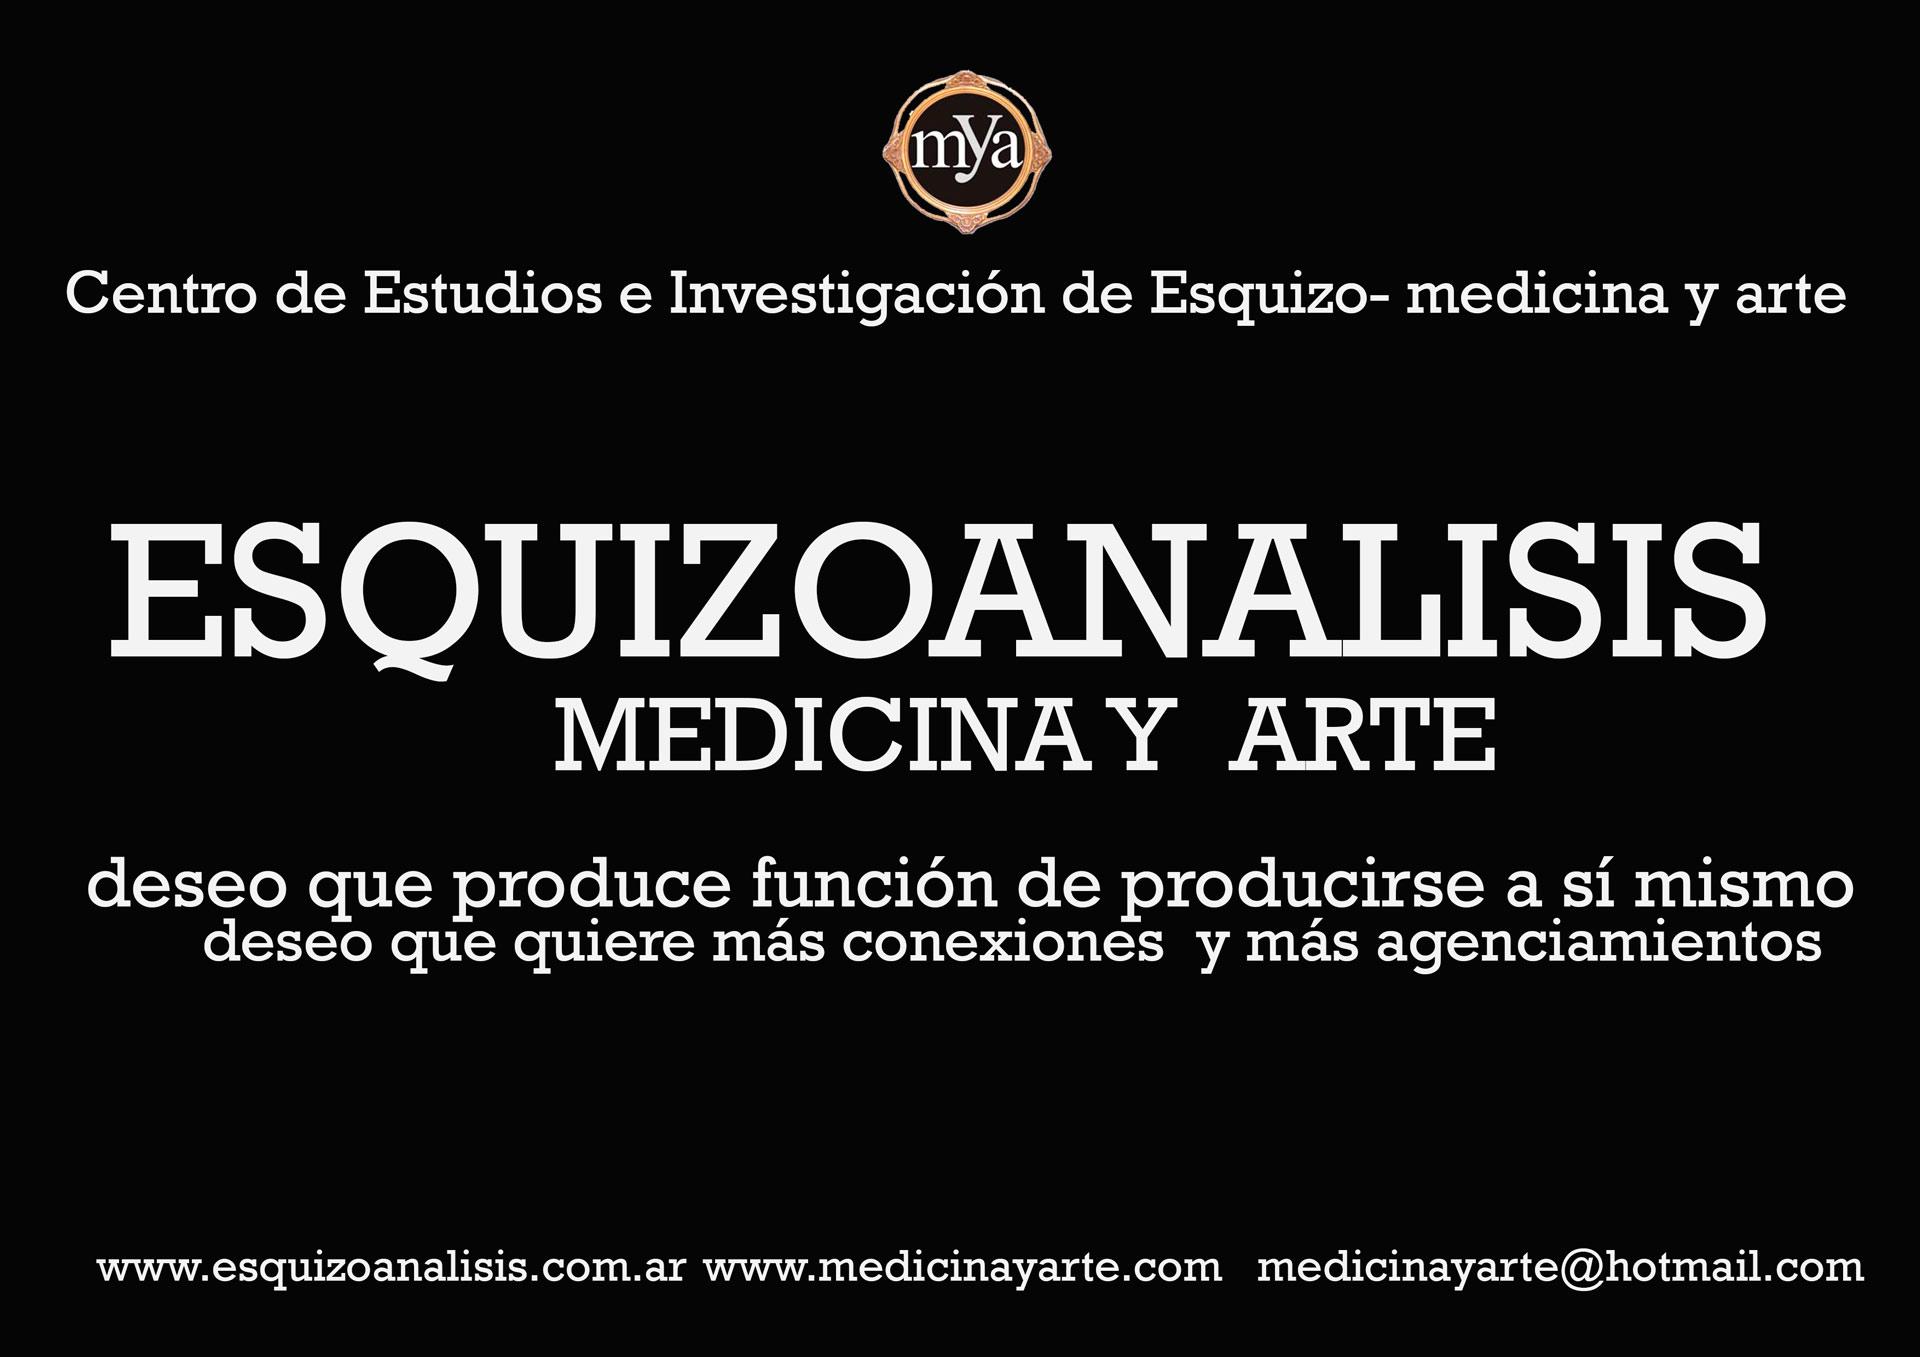 http://www.medicinayarte.com/img/esquizoanalisis-2.jpg